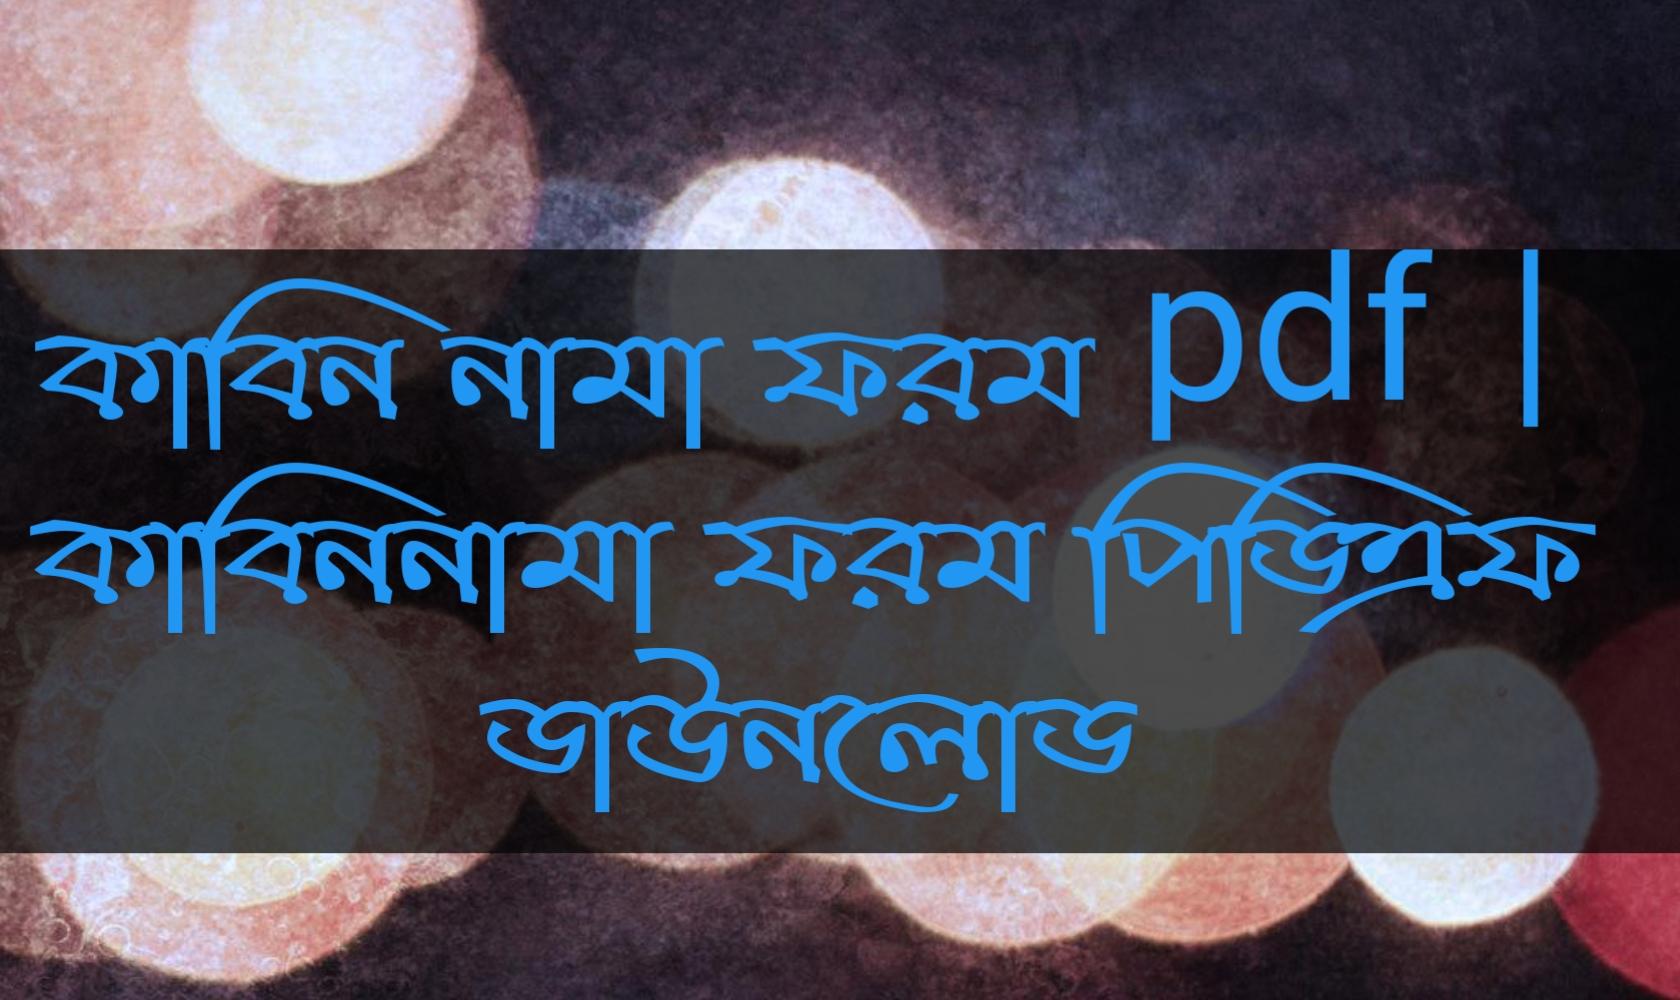 কাবিন নামা ফরম pdf, কাবিননামা ফরম পিডিএফ ডাউনলোড, কাবিননামা ফরম পিডিএফ, কাবিন নামা ফরম pdf download,